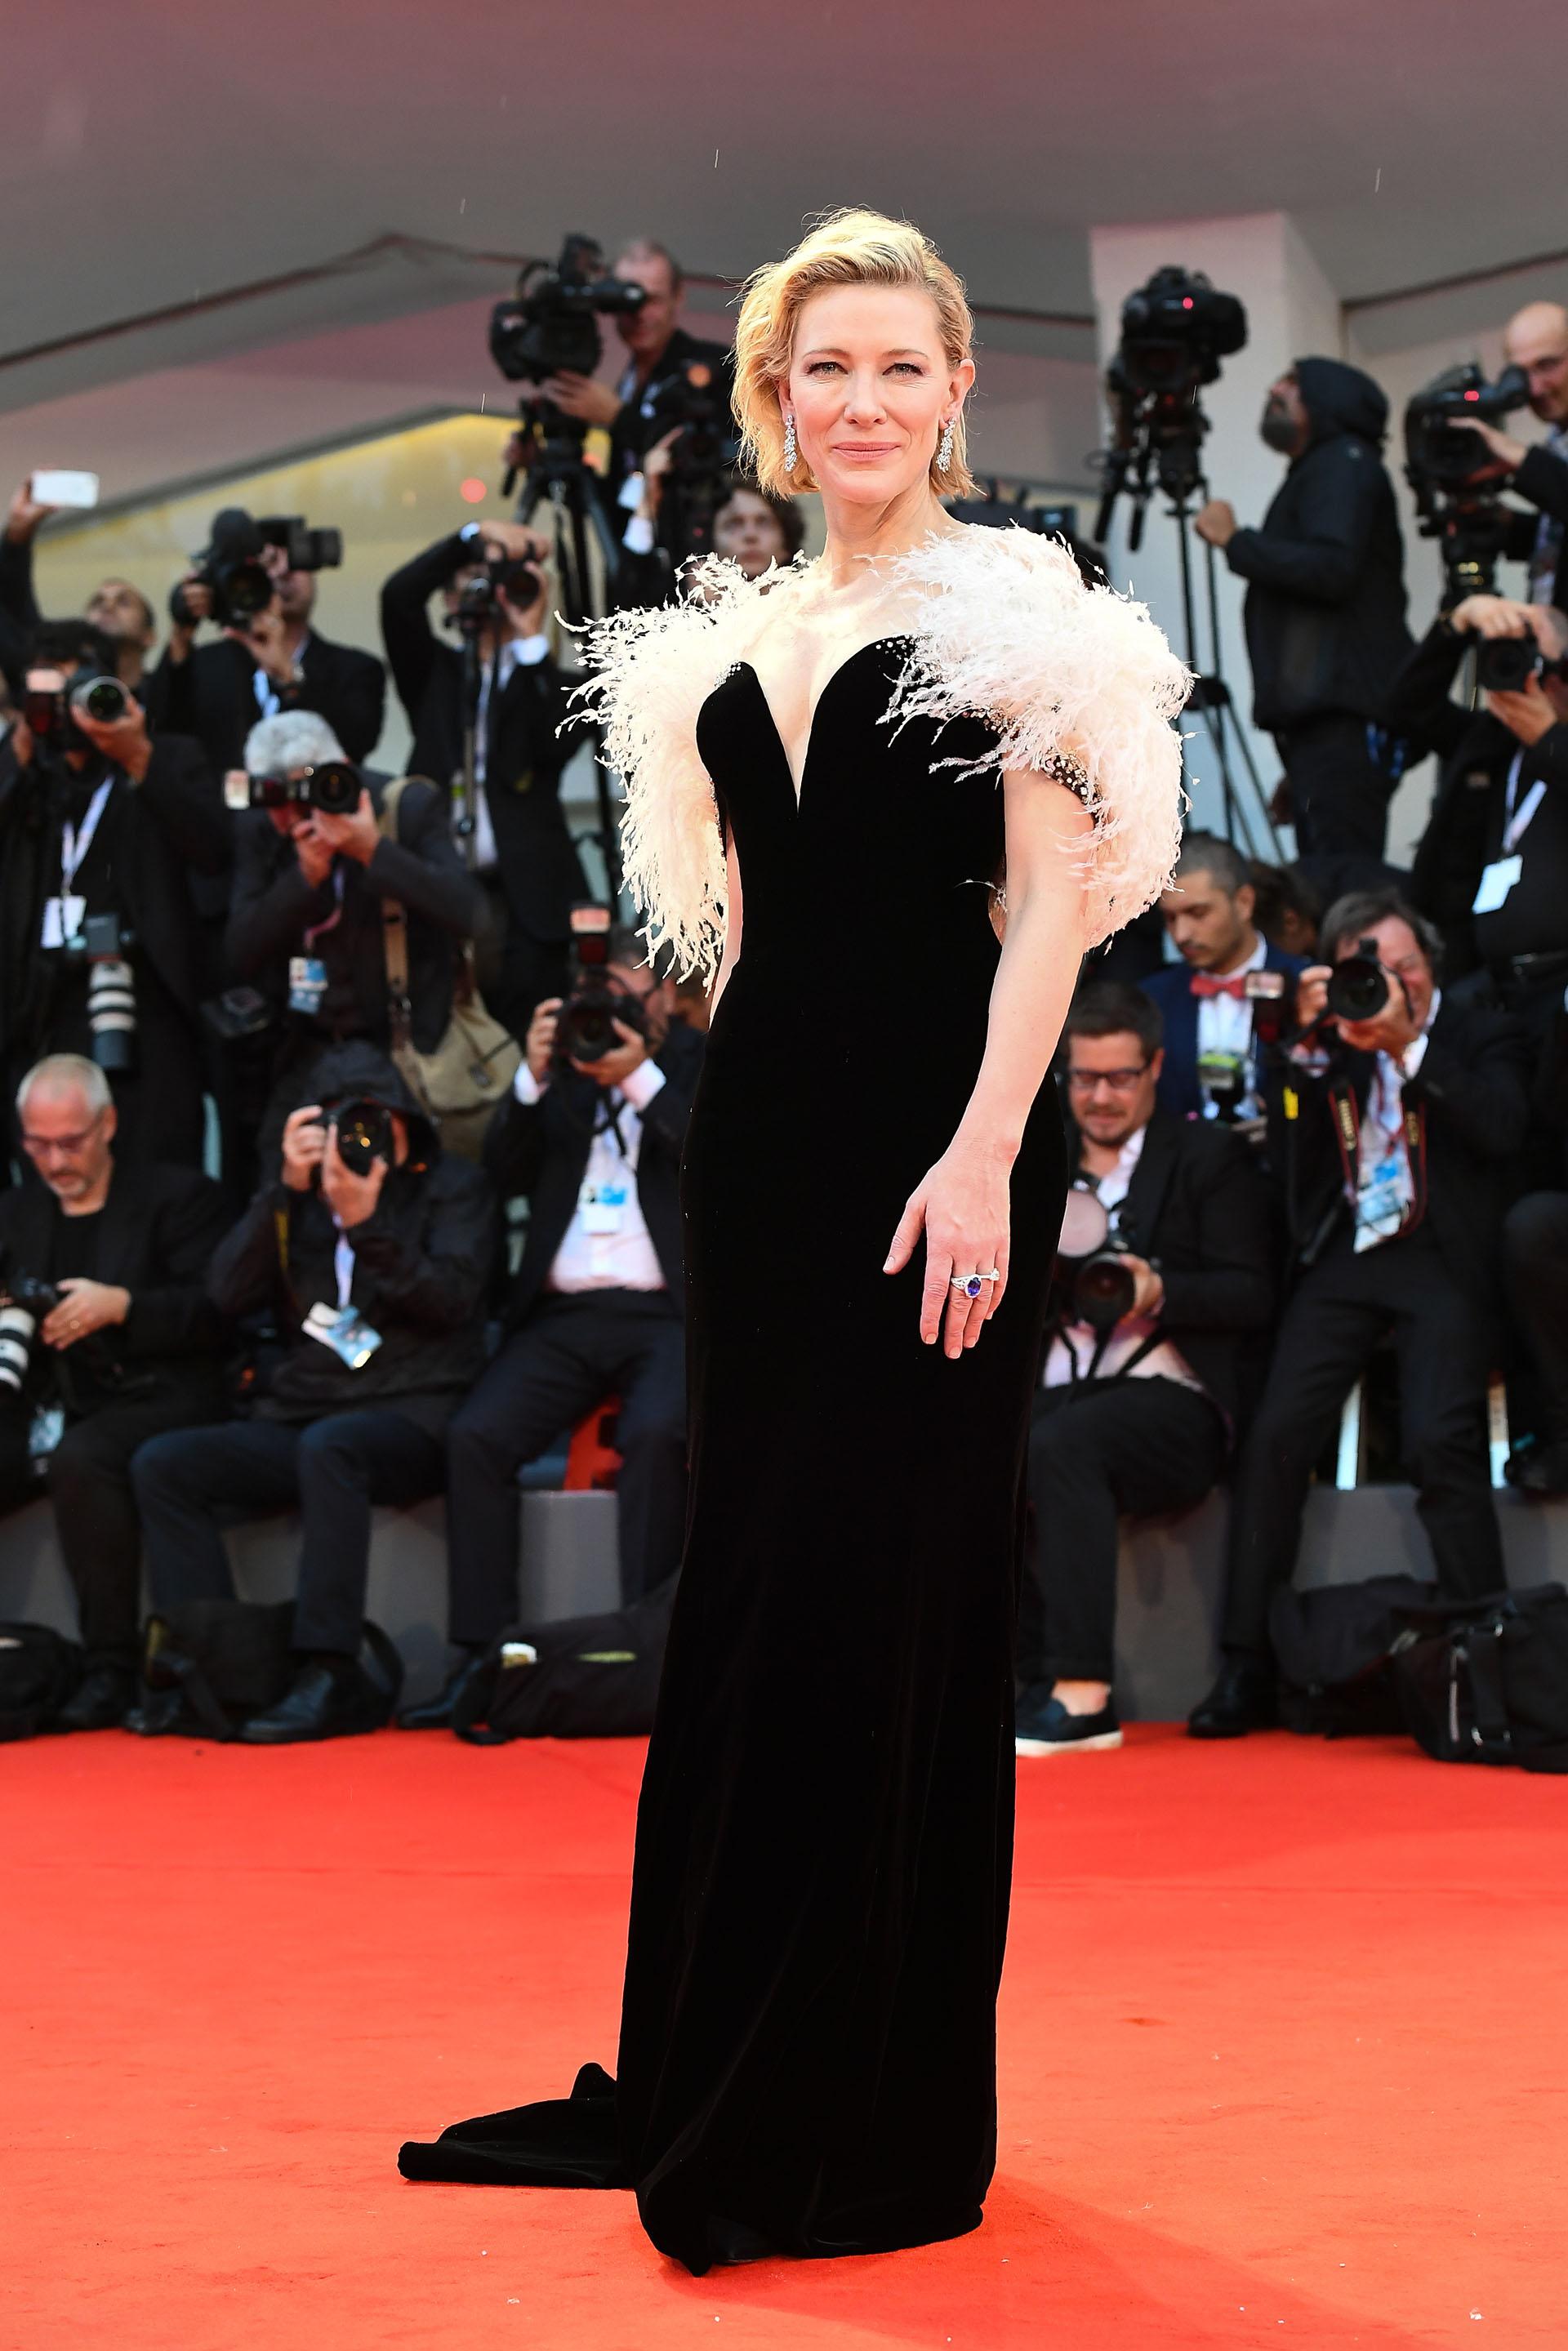 La actriz eligió un soberbio vestido negro con gran escote y cola